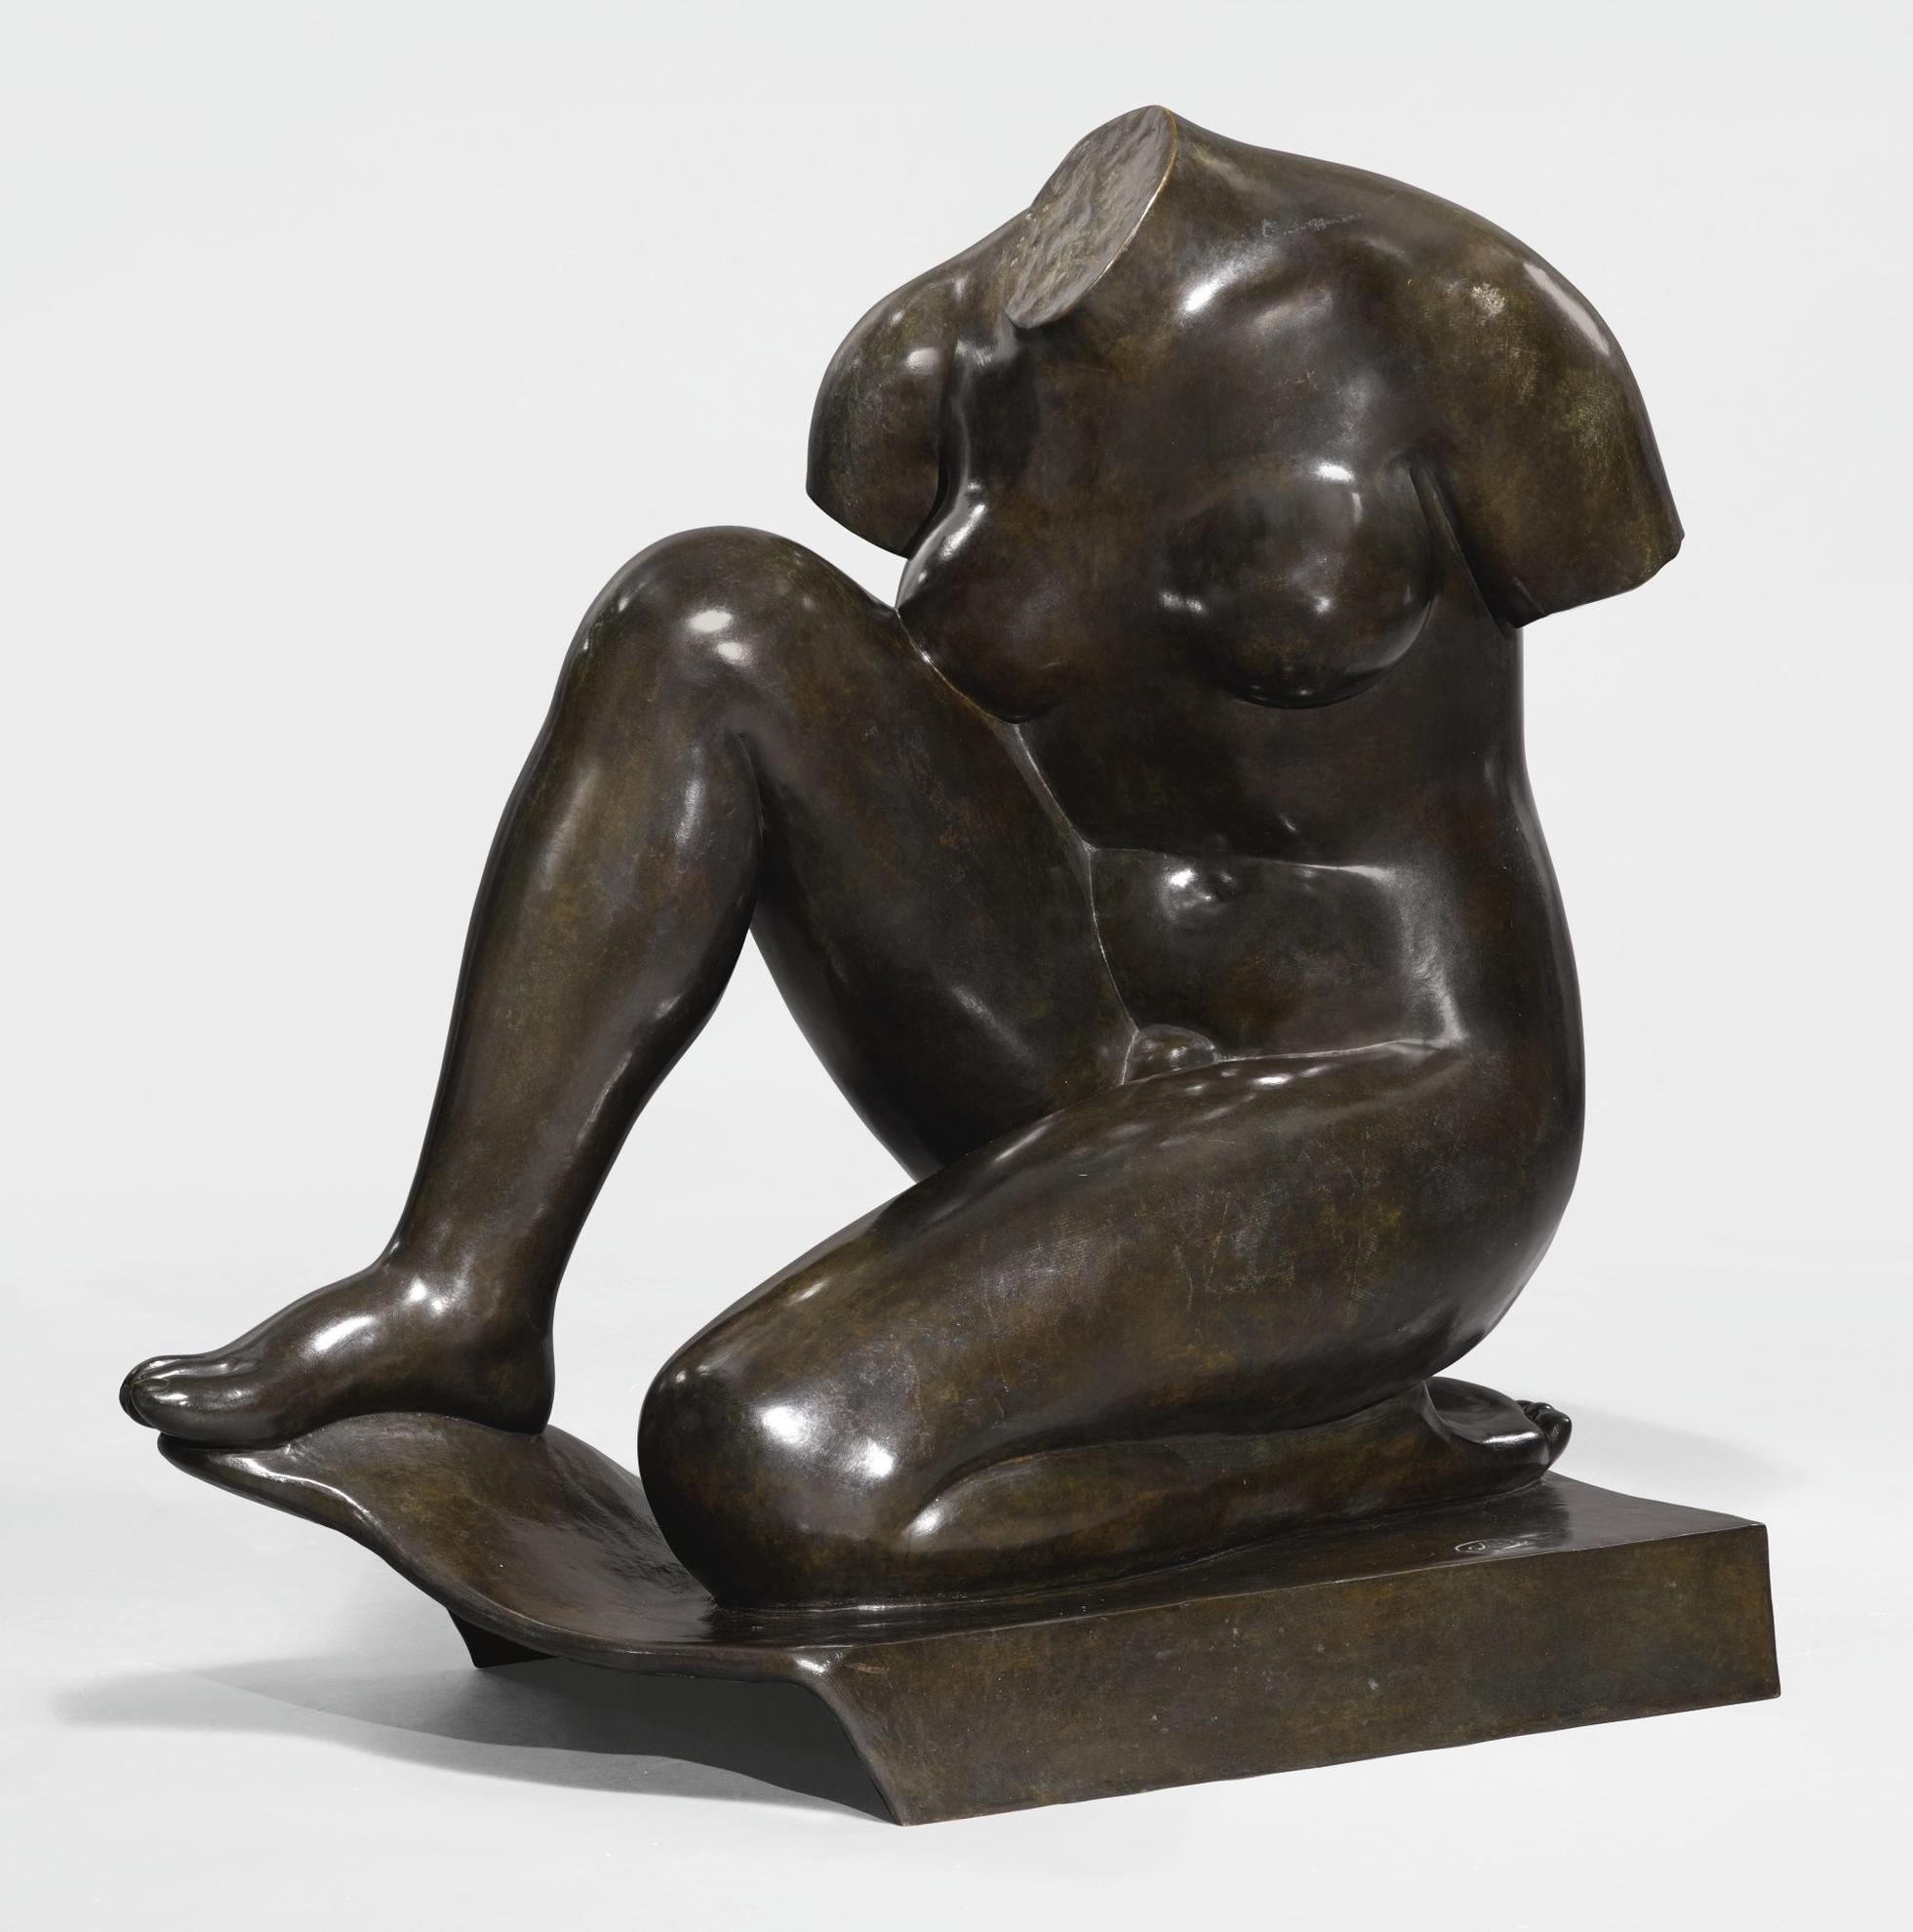 Aristide Maillol-Torse Debussy-1930